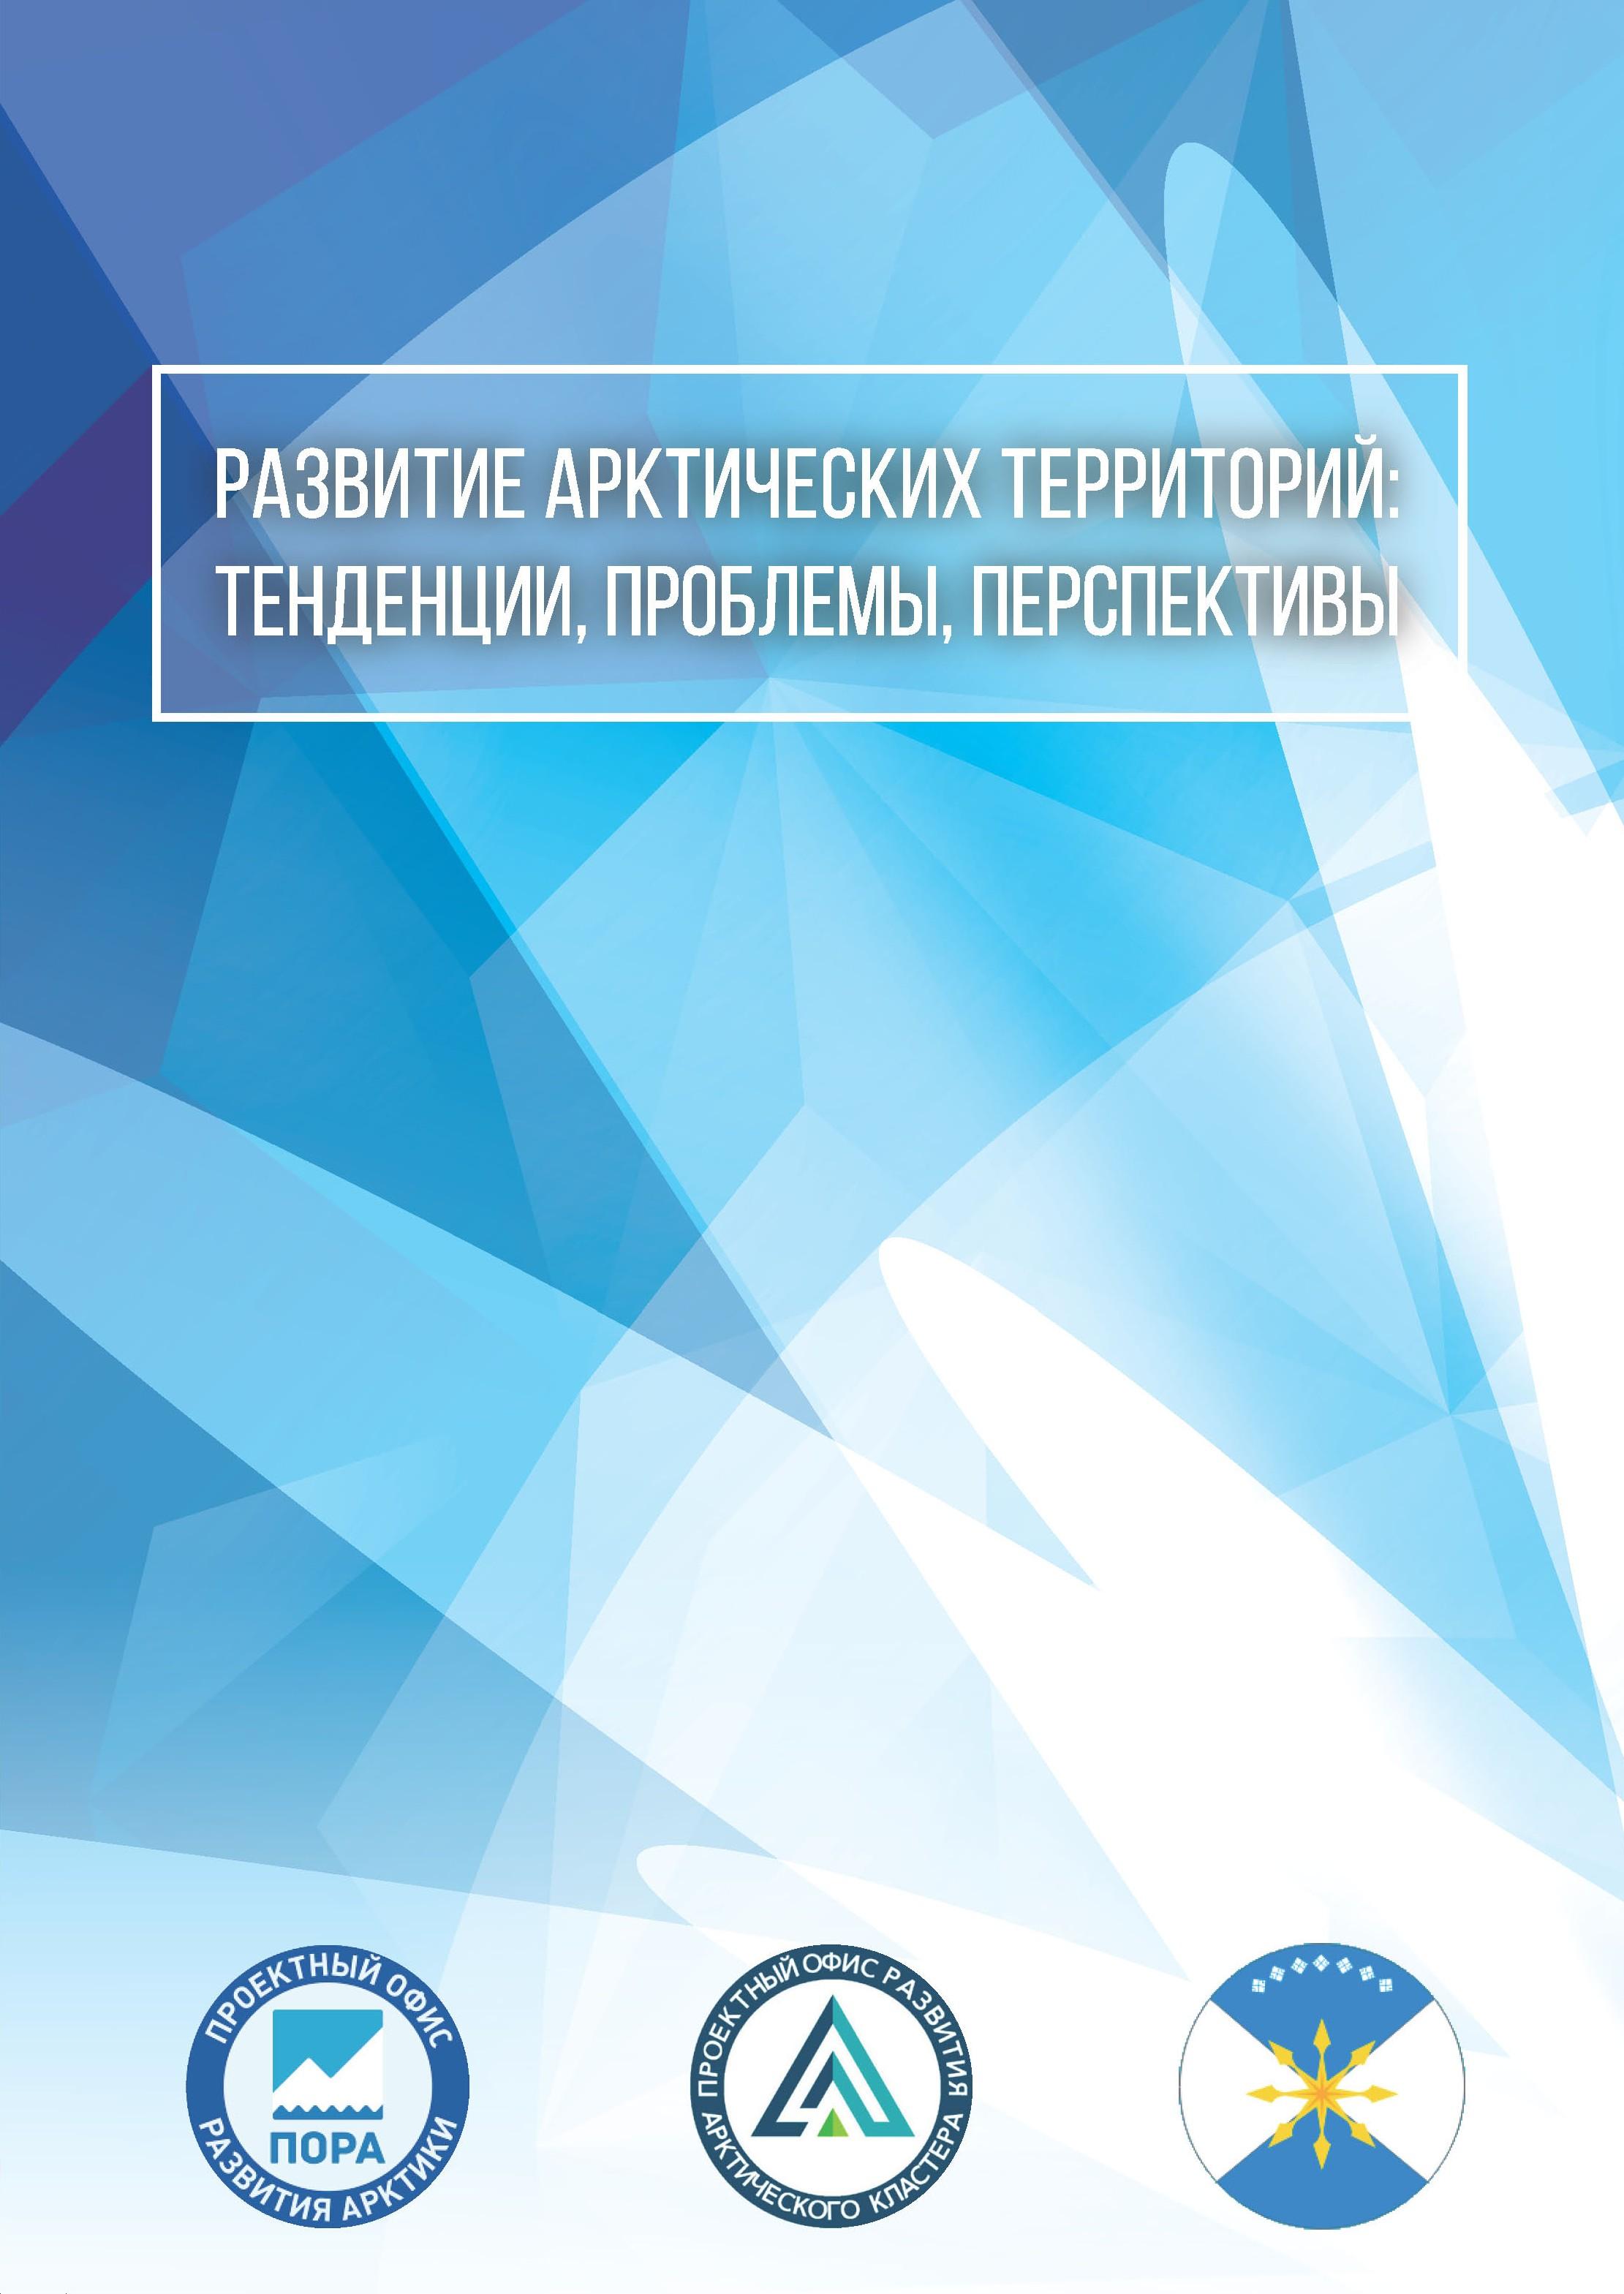 Развитие арктических территорий: тенденции, проблемы, перспективы